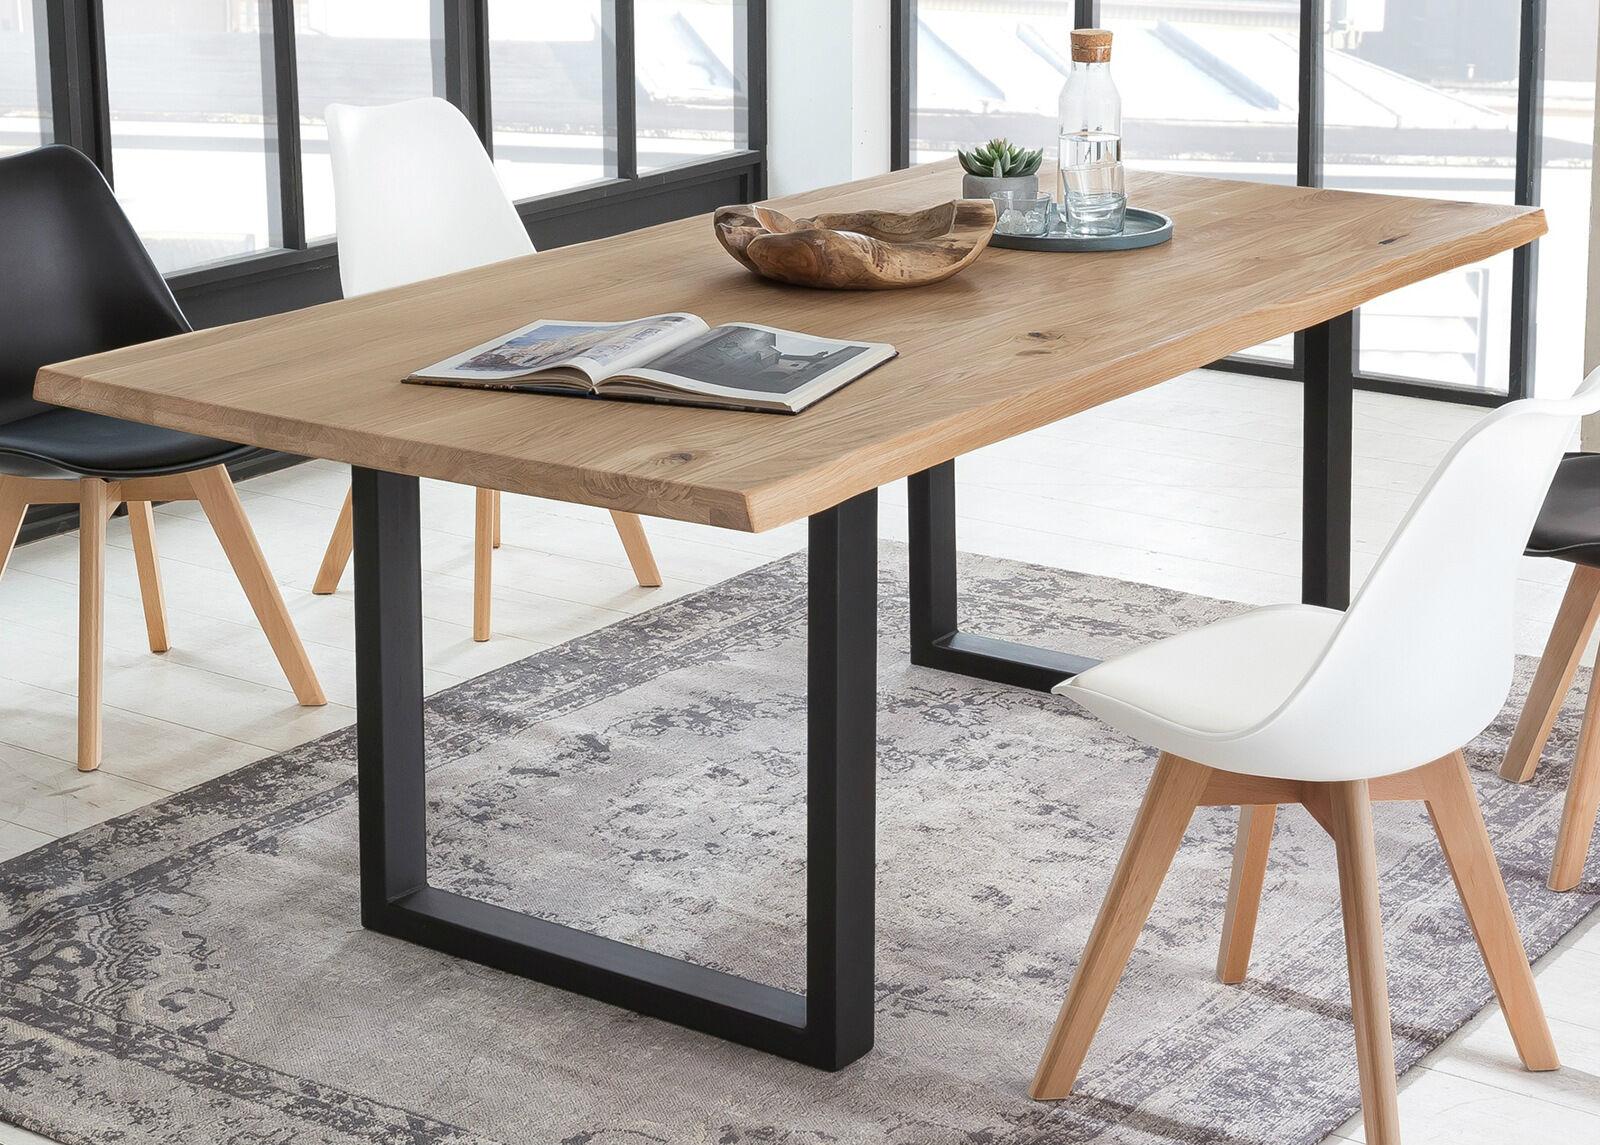 SIT Möbel Ruokapöytä Tische 90x160 cm